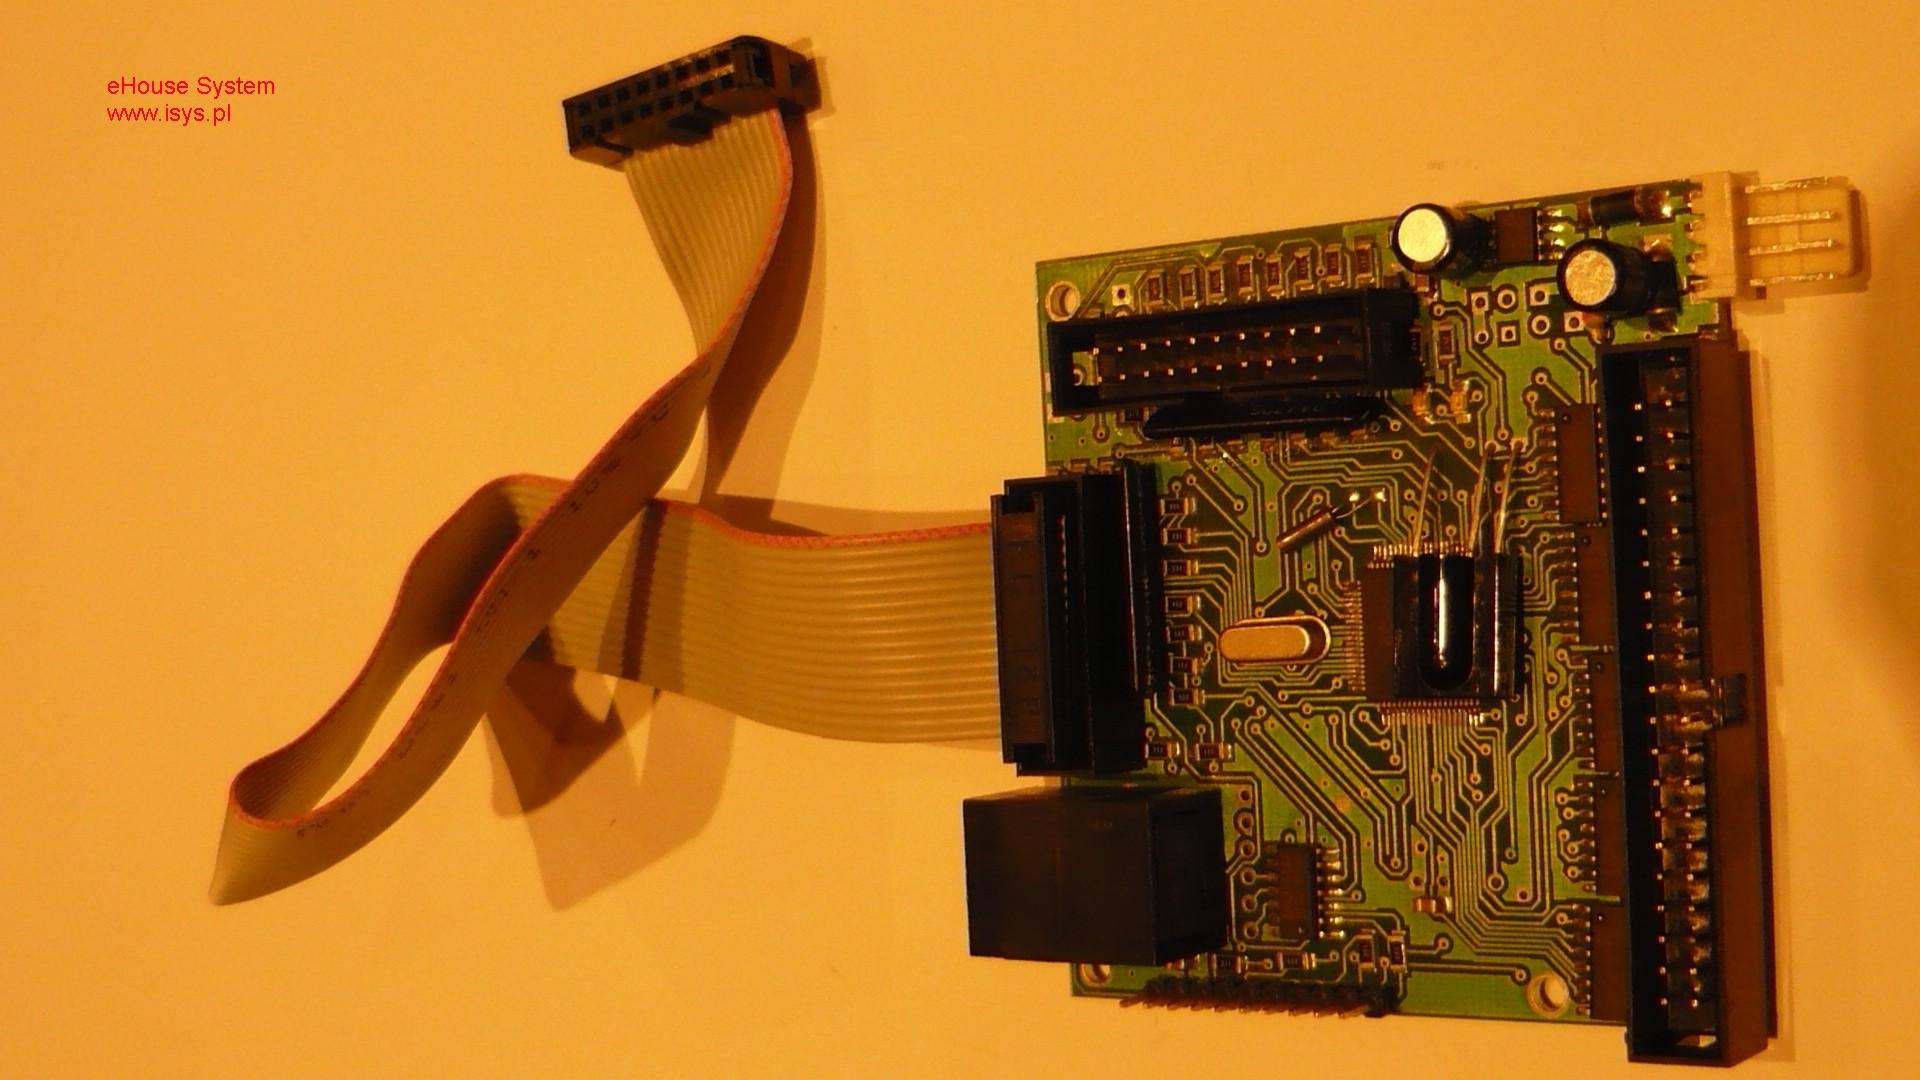 namų automatizavimo , domotikoje eHouse - prijungimo skaitmeniniai jutikliai, jungikliai ir fonogramai butas 16 kaiščiai